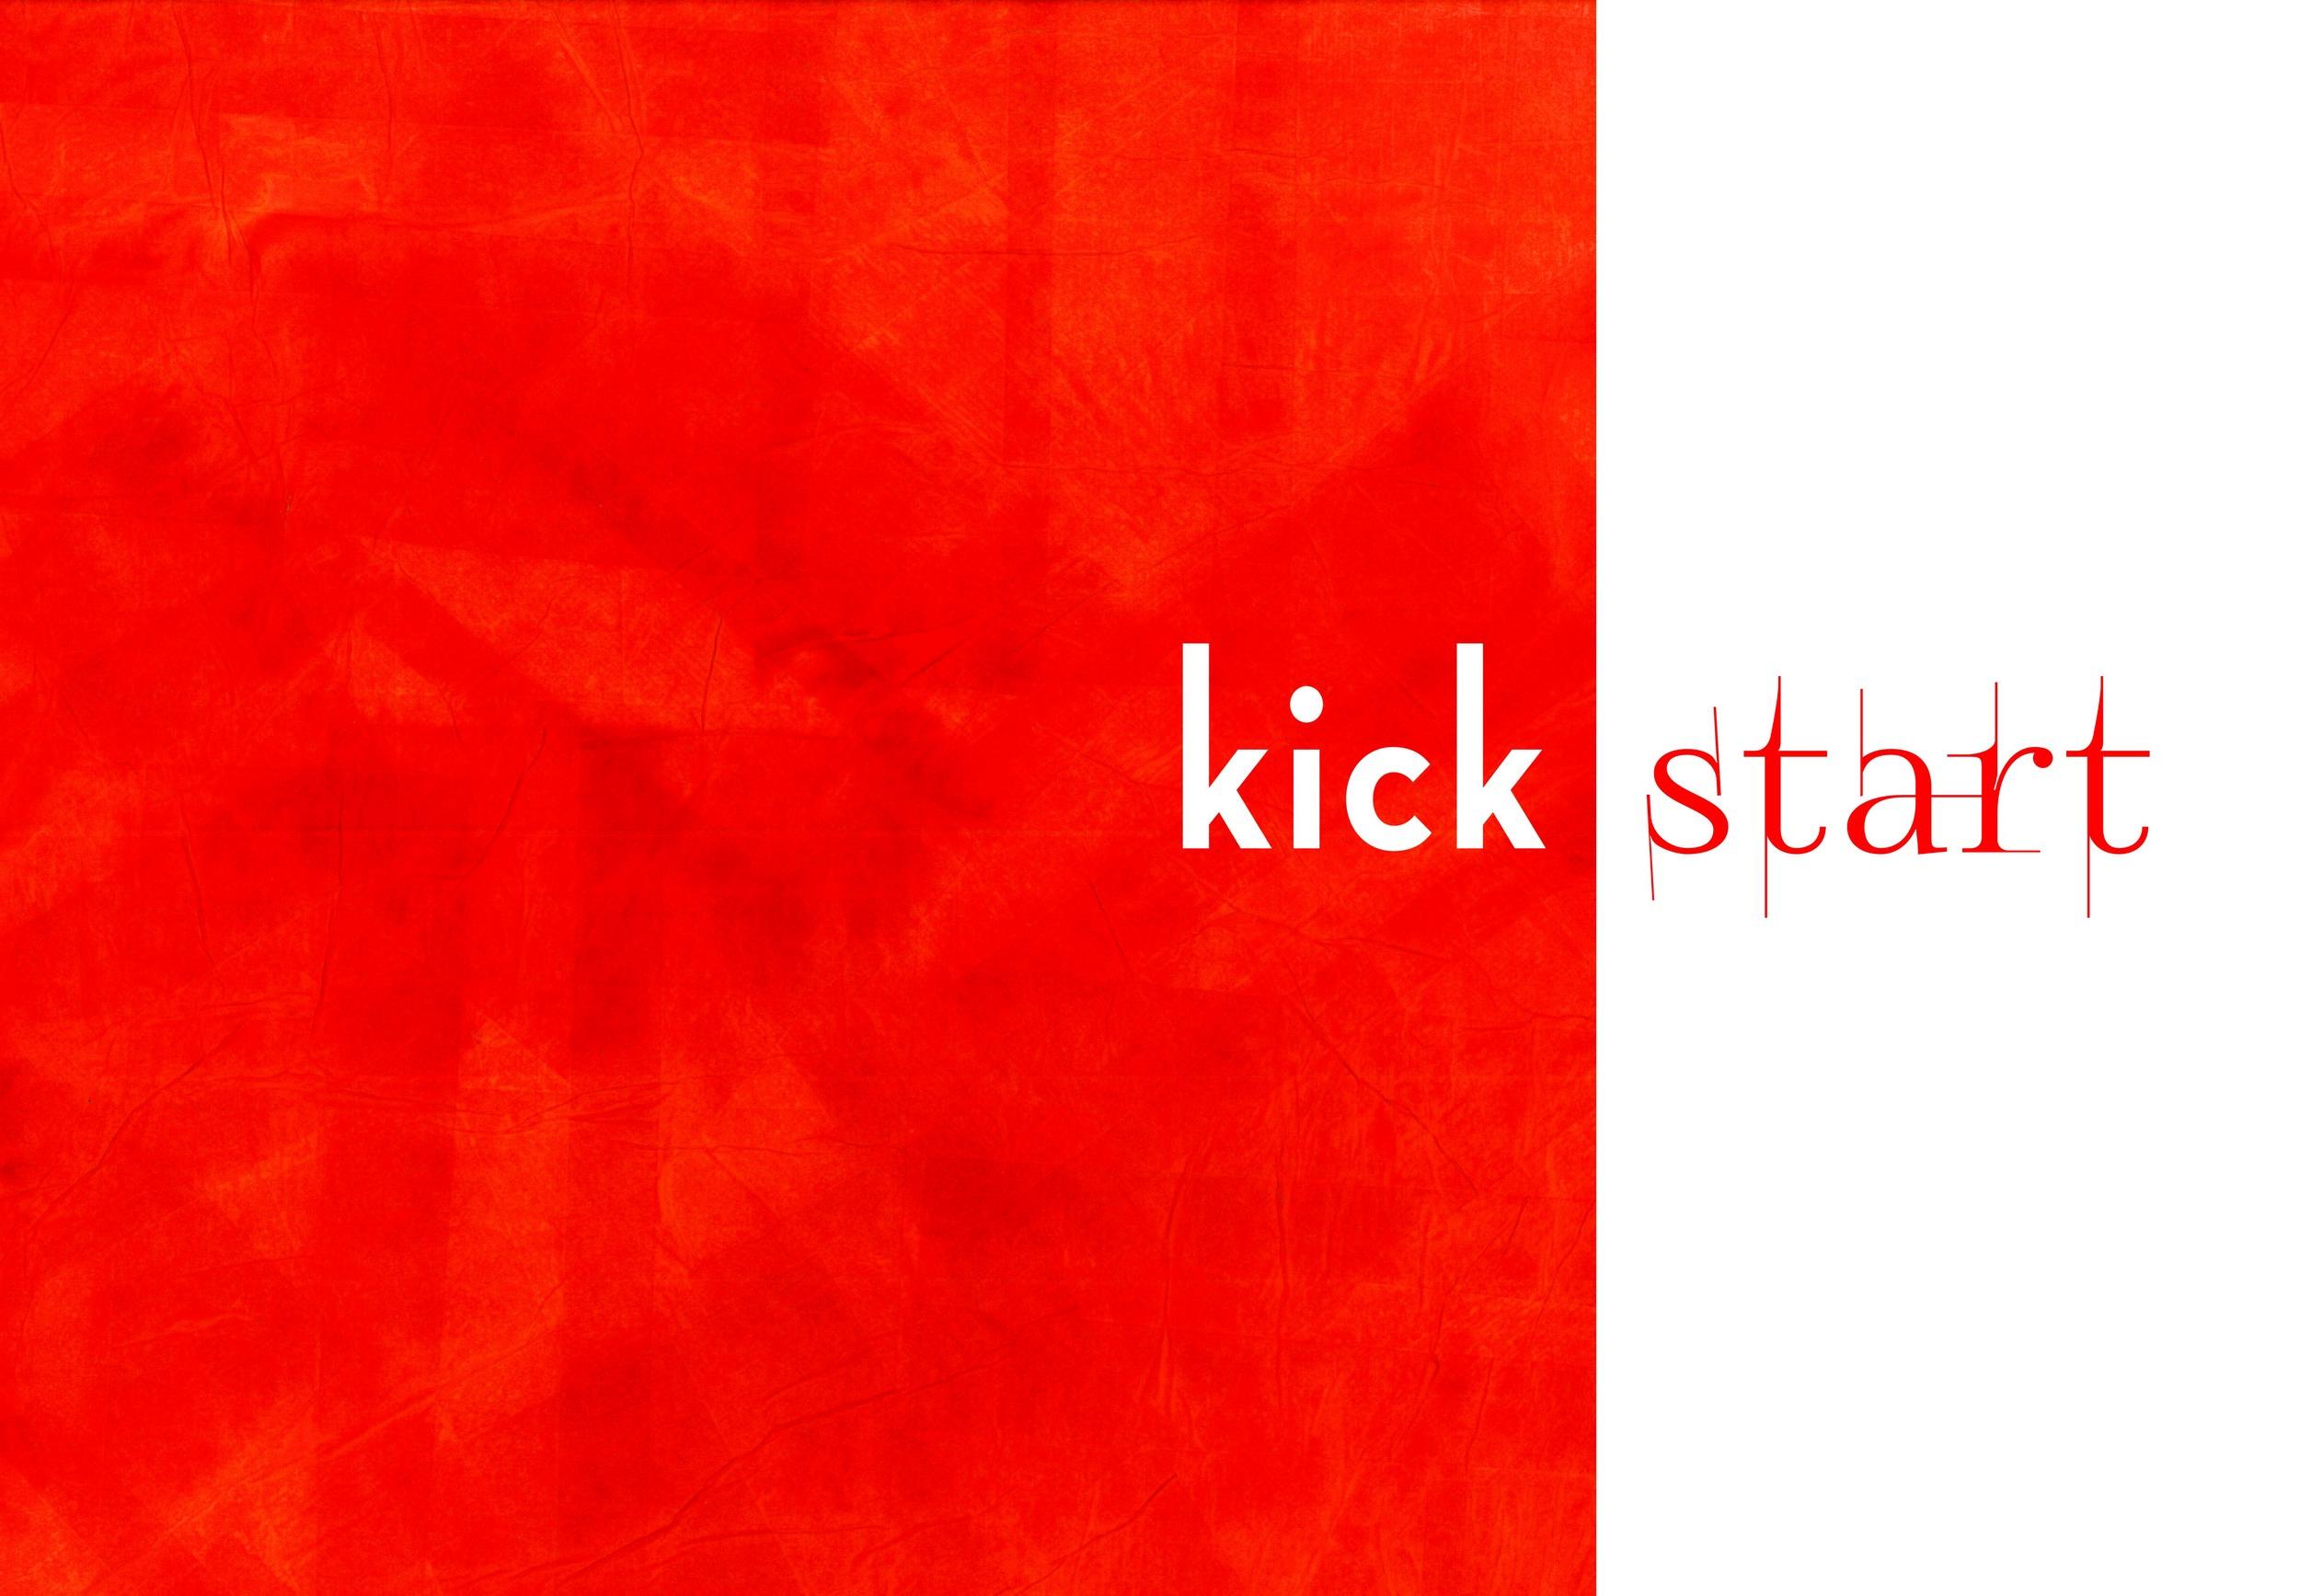 kick start 2.jpg